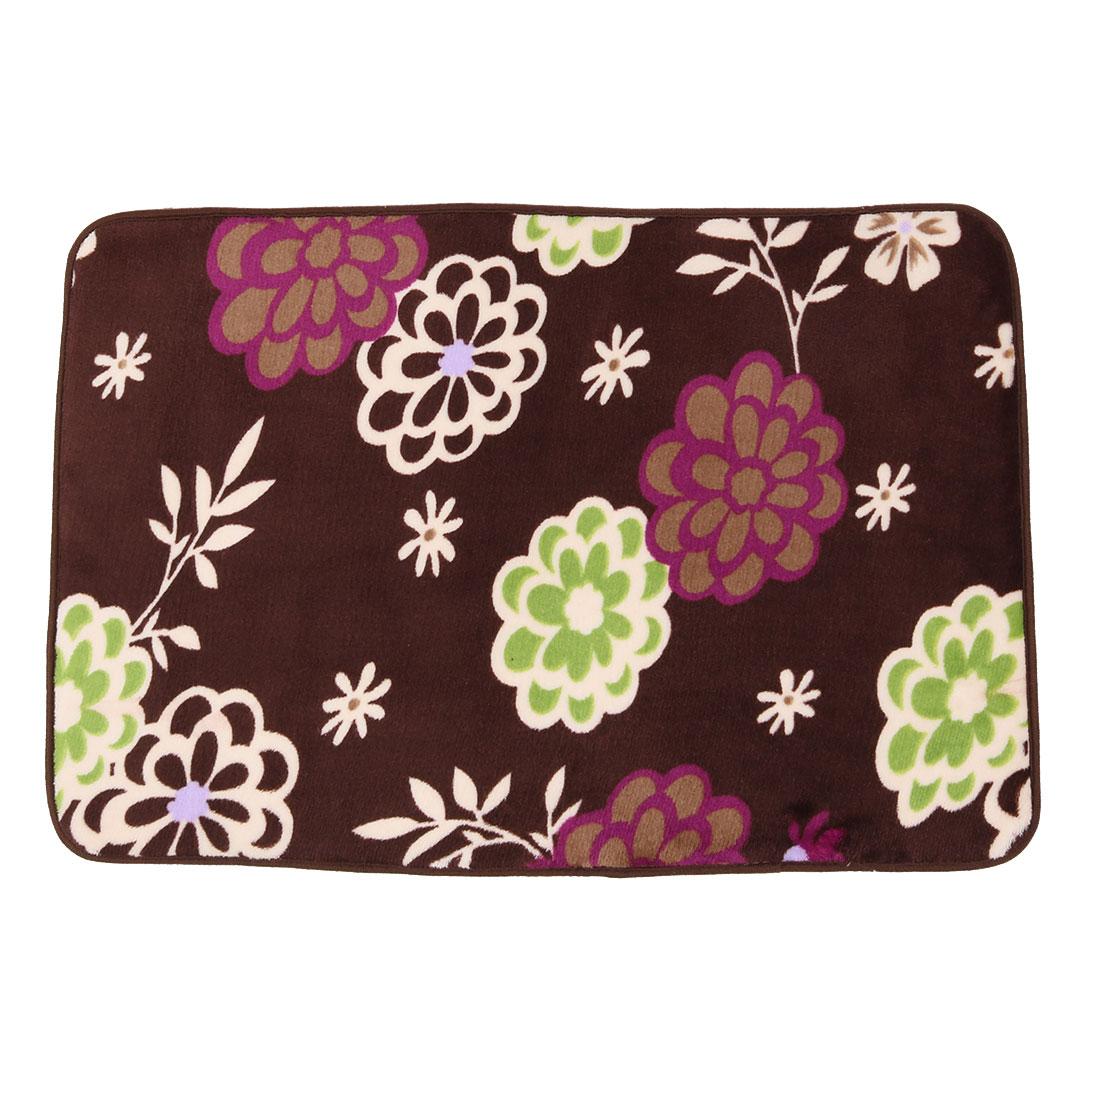 Bedroom Coral Fleece Flower Print Rectangle Washable Floor Carpet Rug Pad Doormat 60 x 40cm